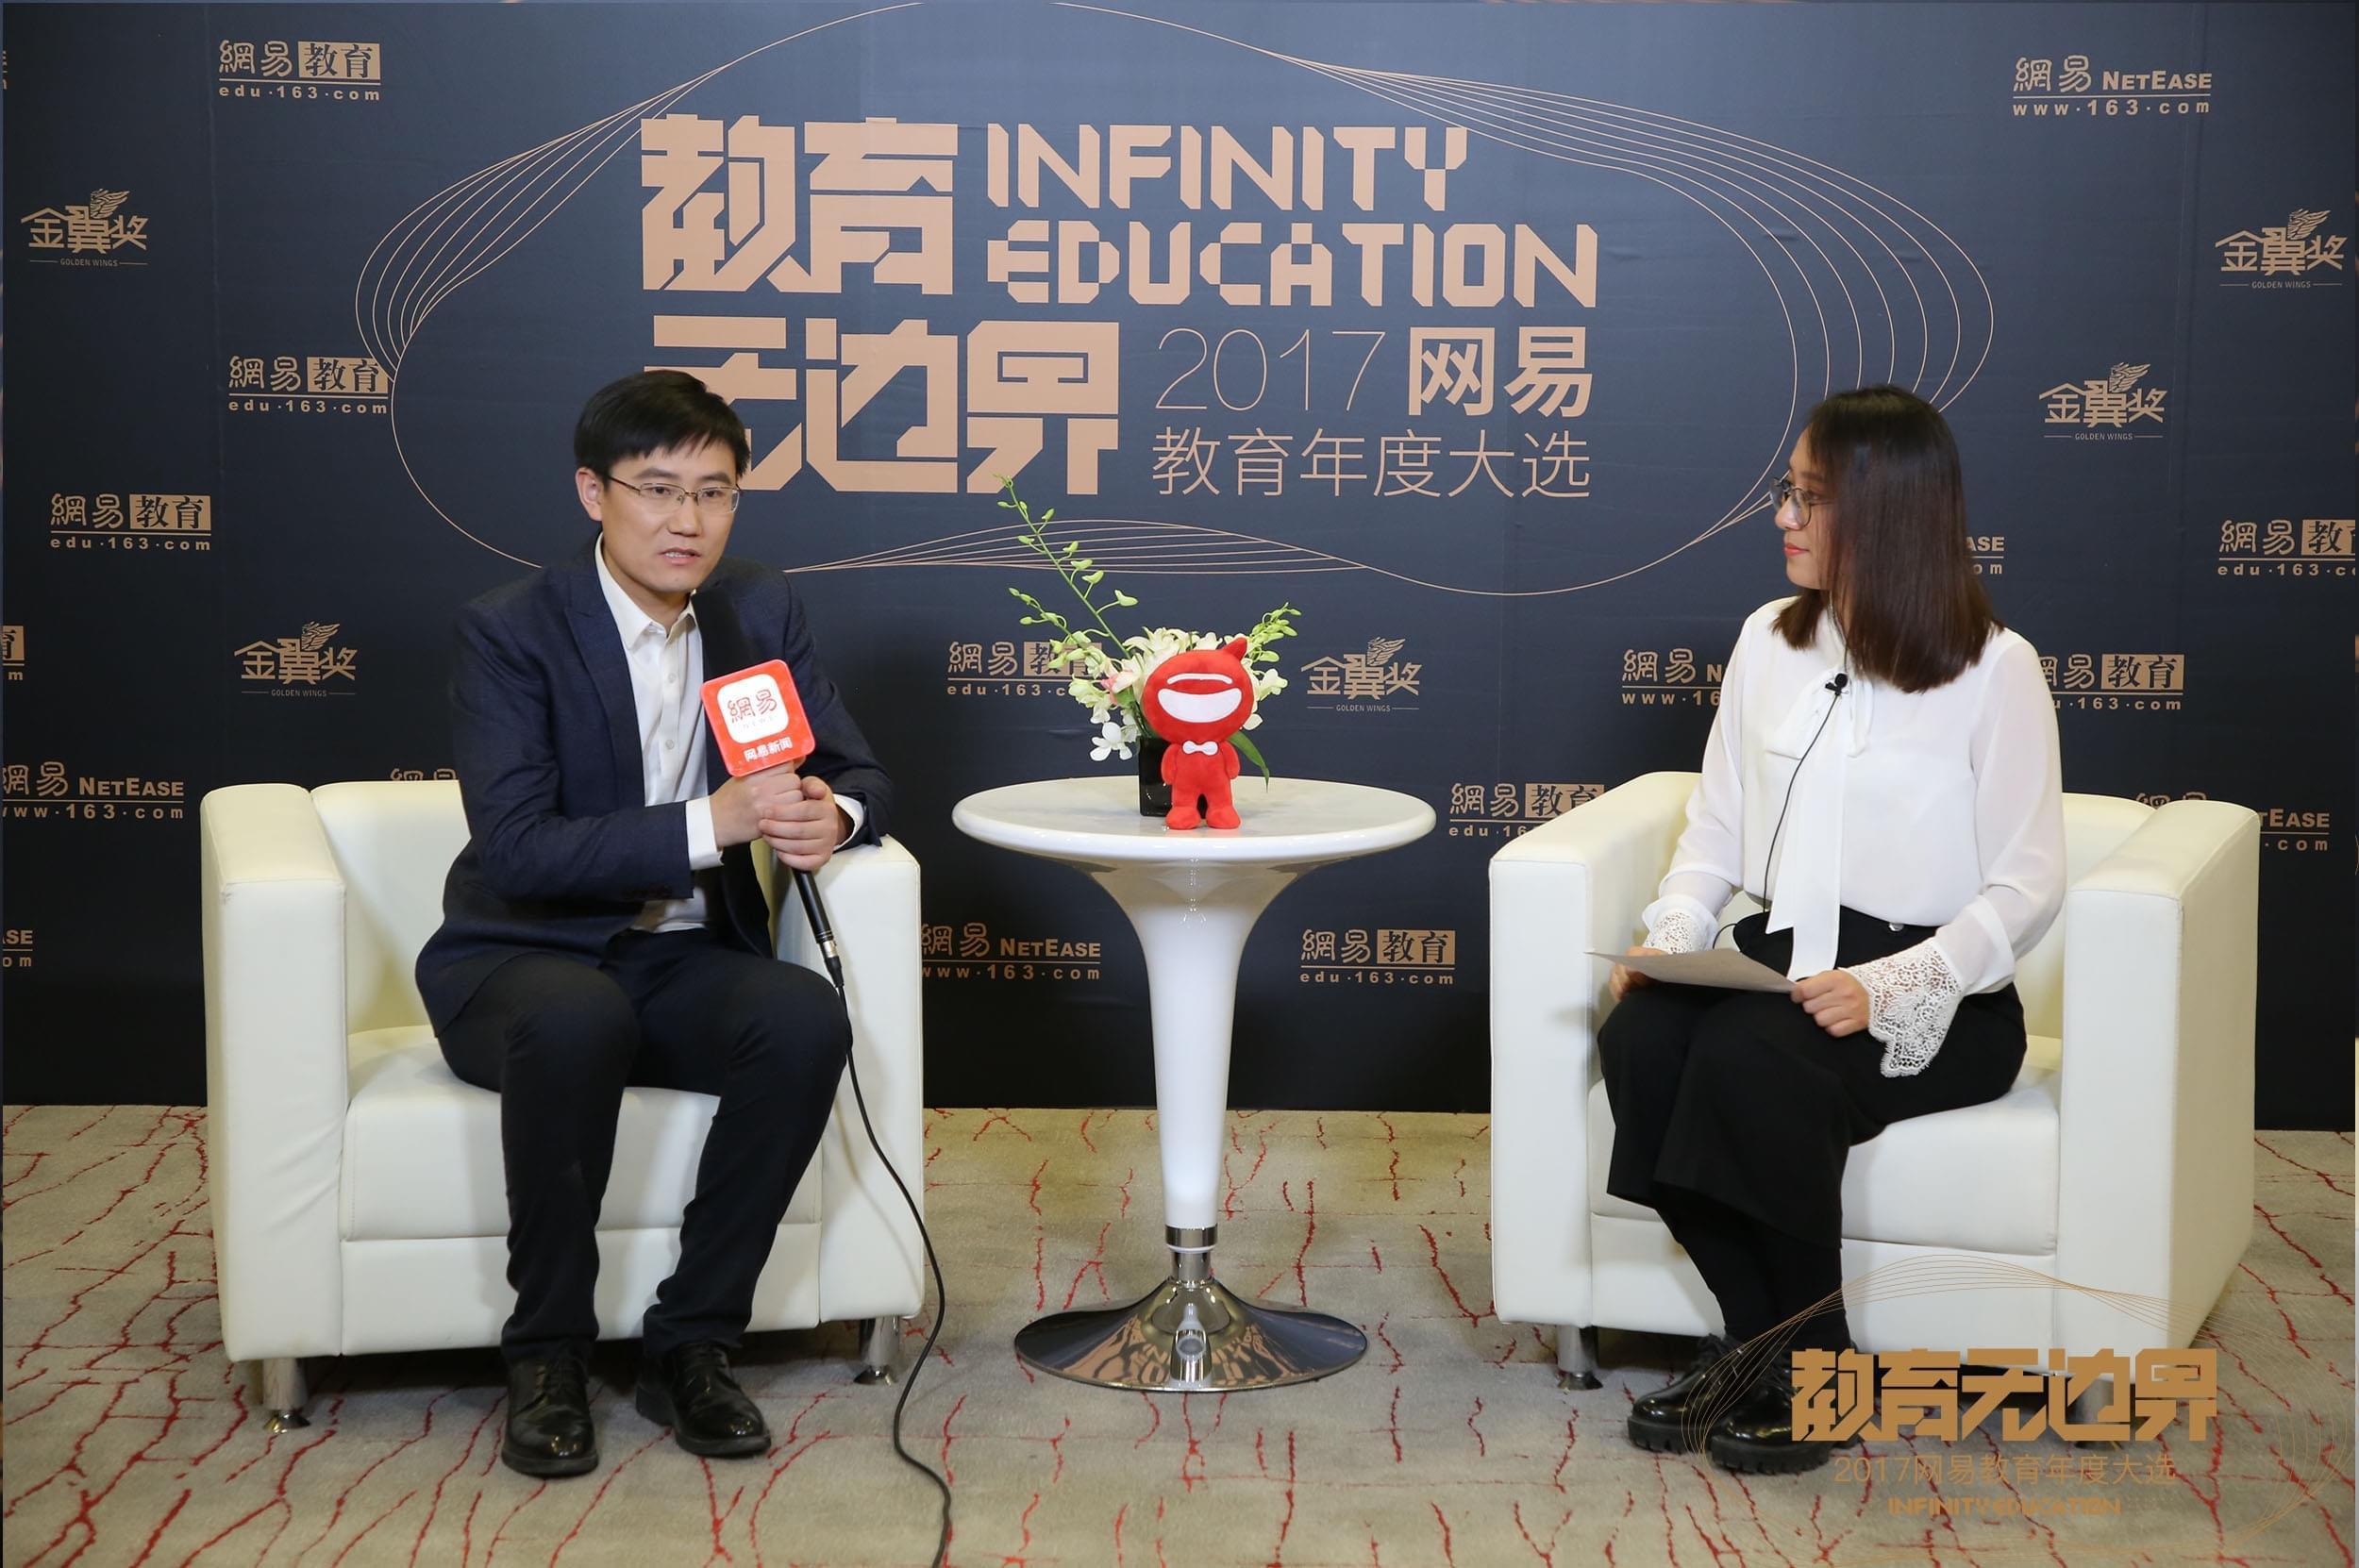 华工启明星教育机构韩青江:打造有领导力的教育品牌